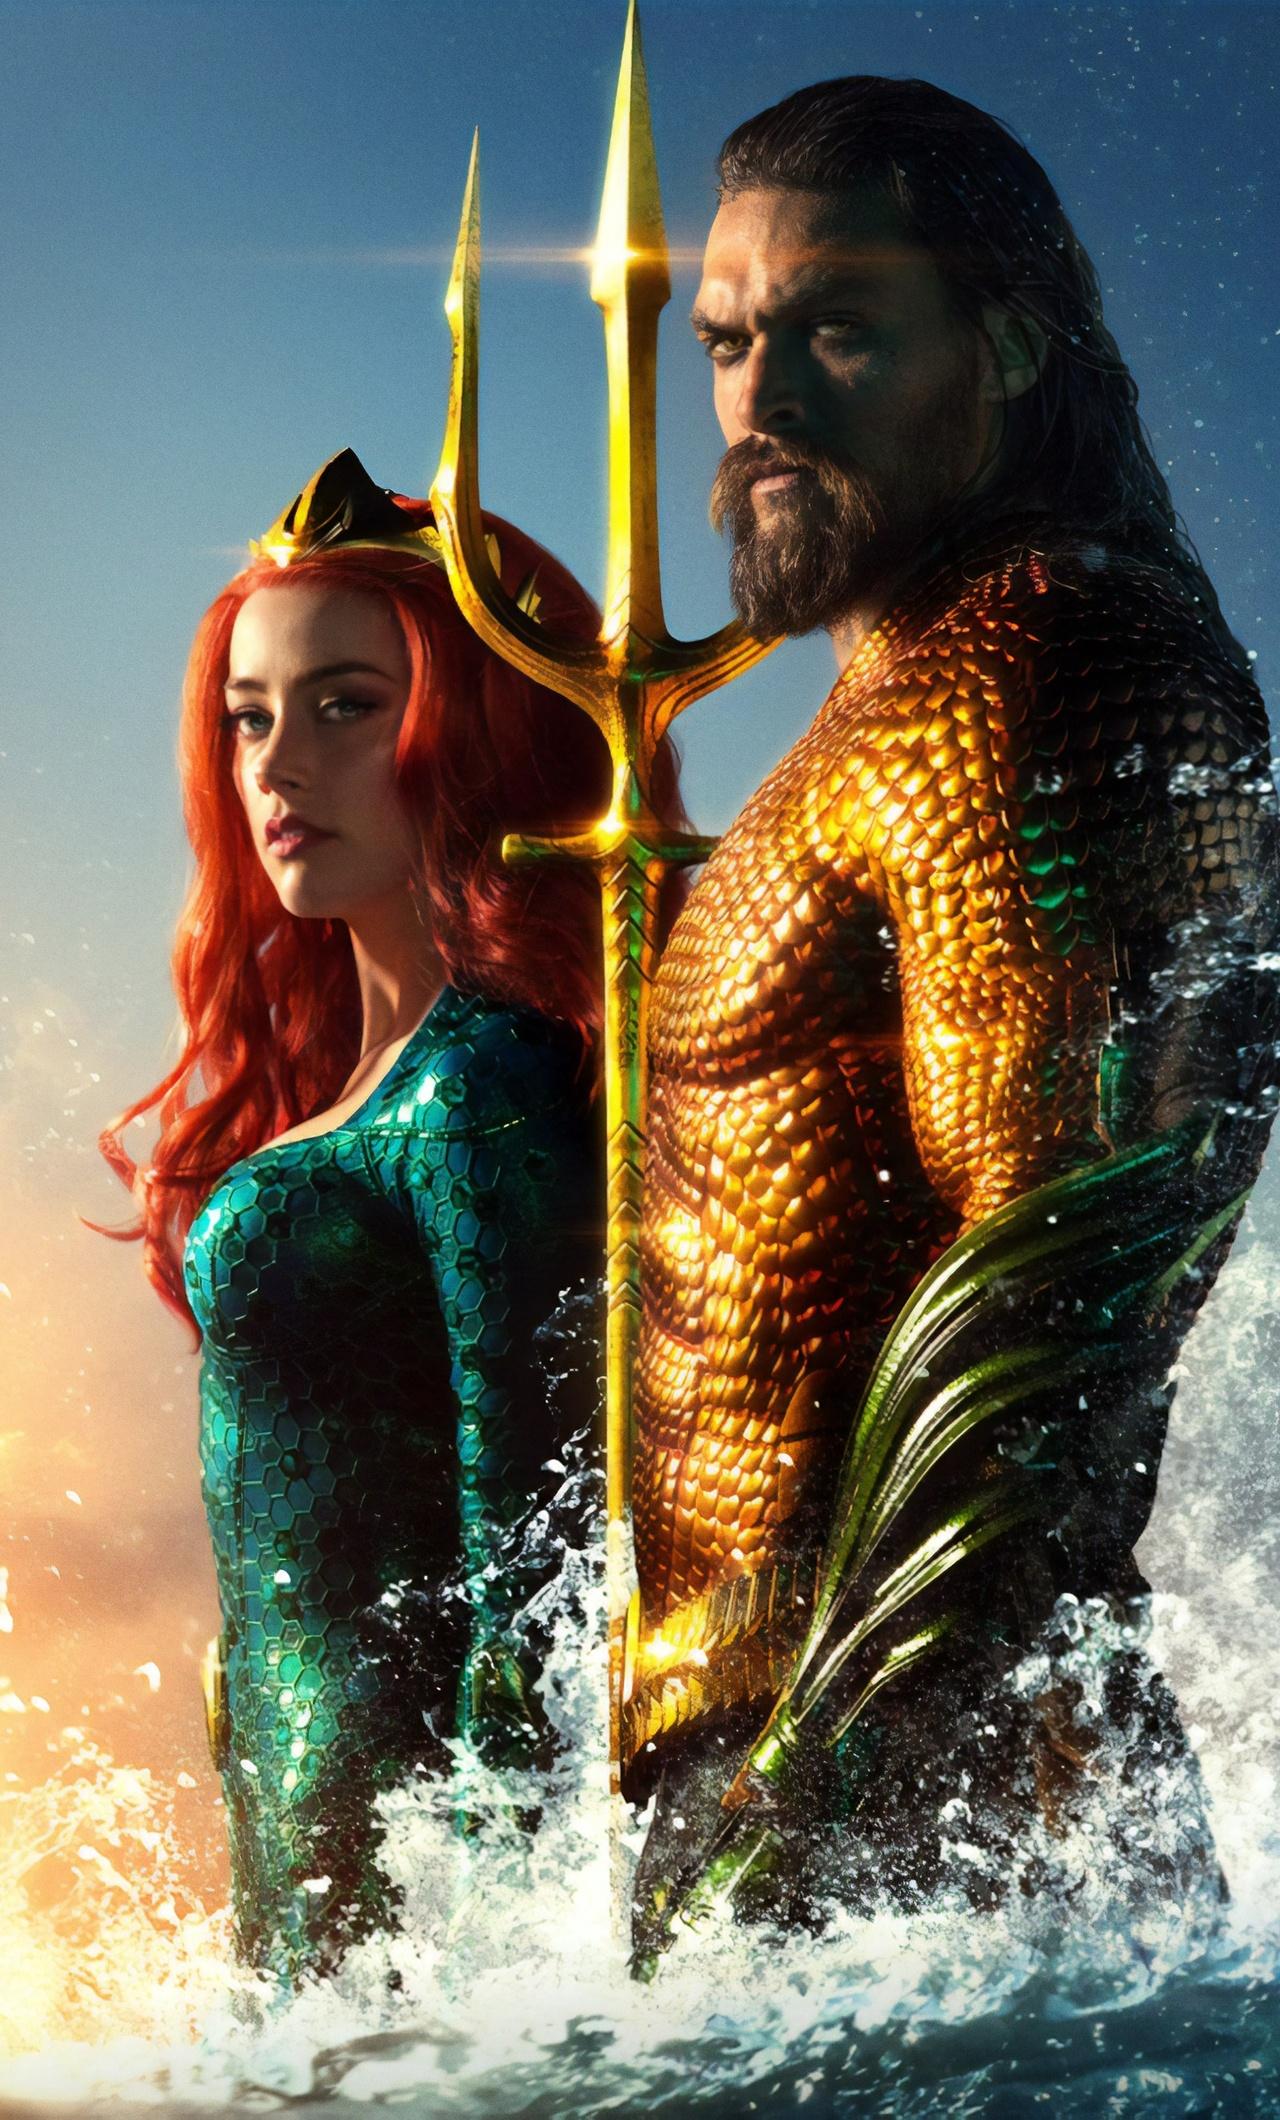 Bị chồng cũ tố ngược, Amber Heard vẫn quay Aquaman 2 làm netizen tức giận: Công bằng cho Johnny Depp ở đâu? - Ảnh 4.